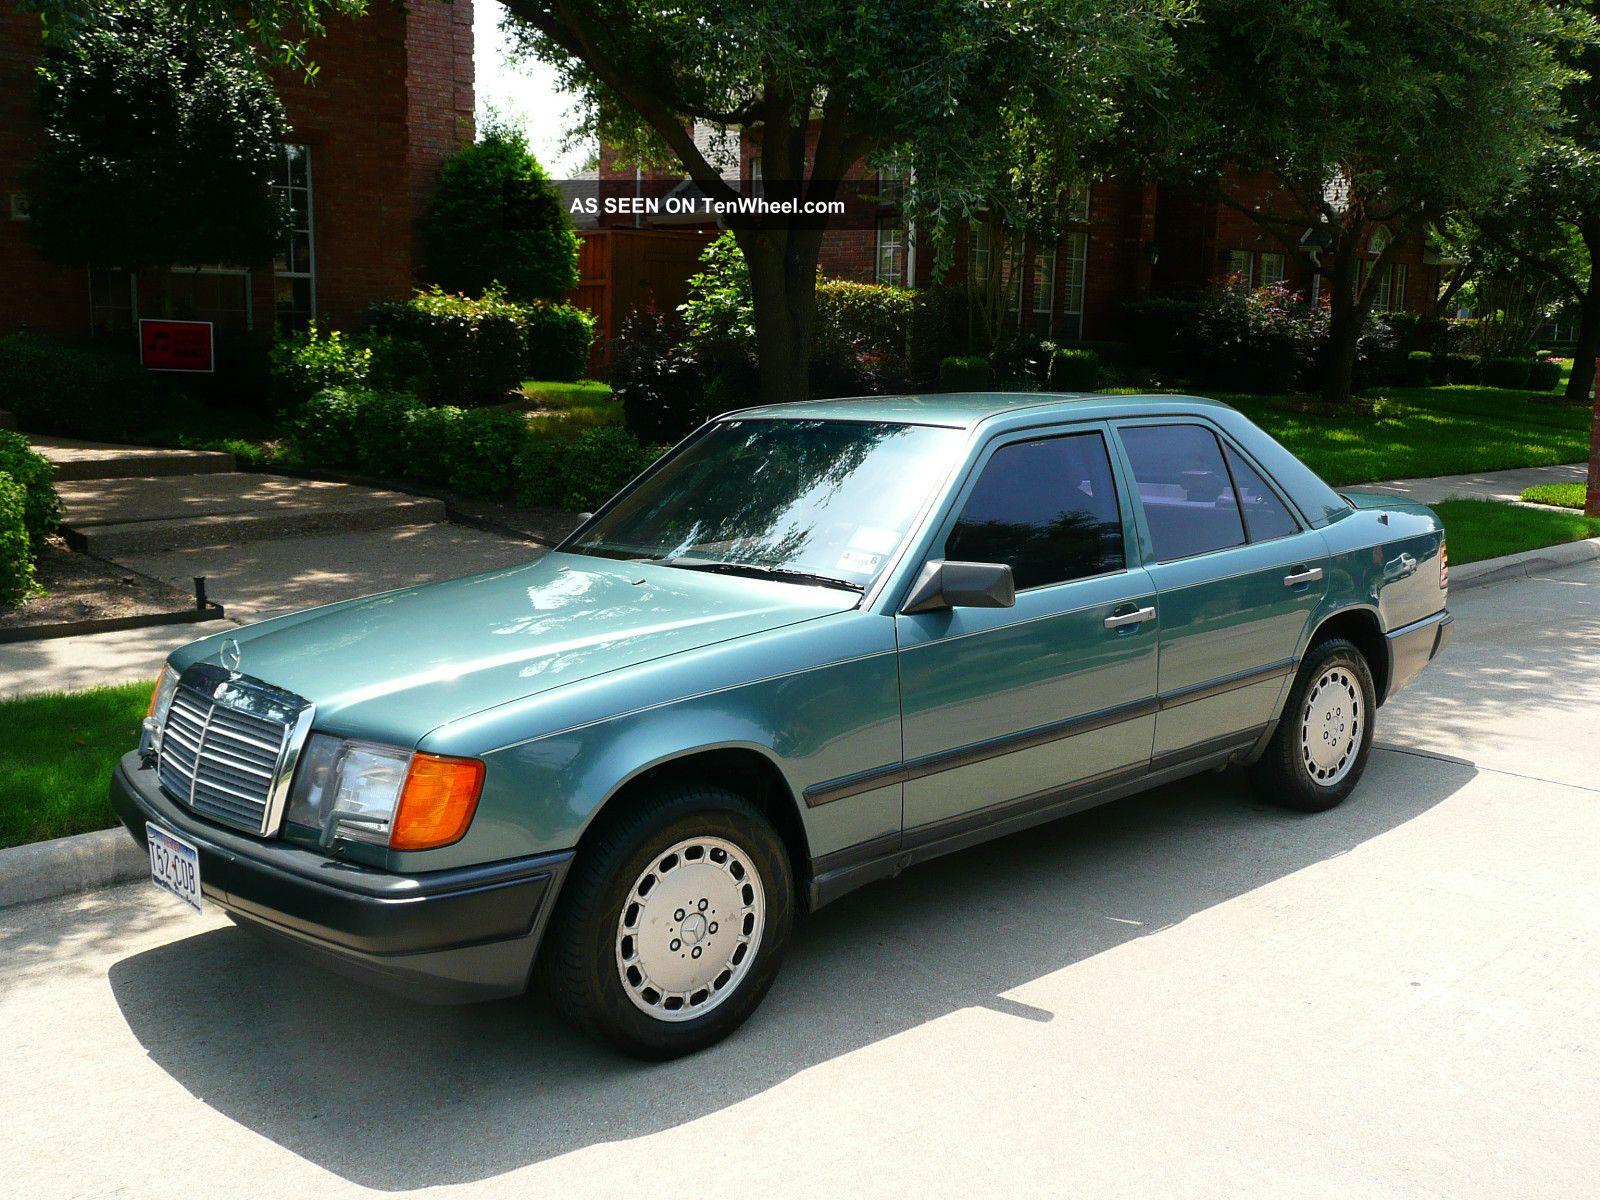 1986 mercedes benz 300 series 4 door 5 passenger sedan for Mercedes benz 1986